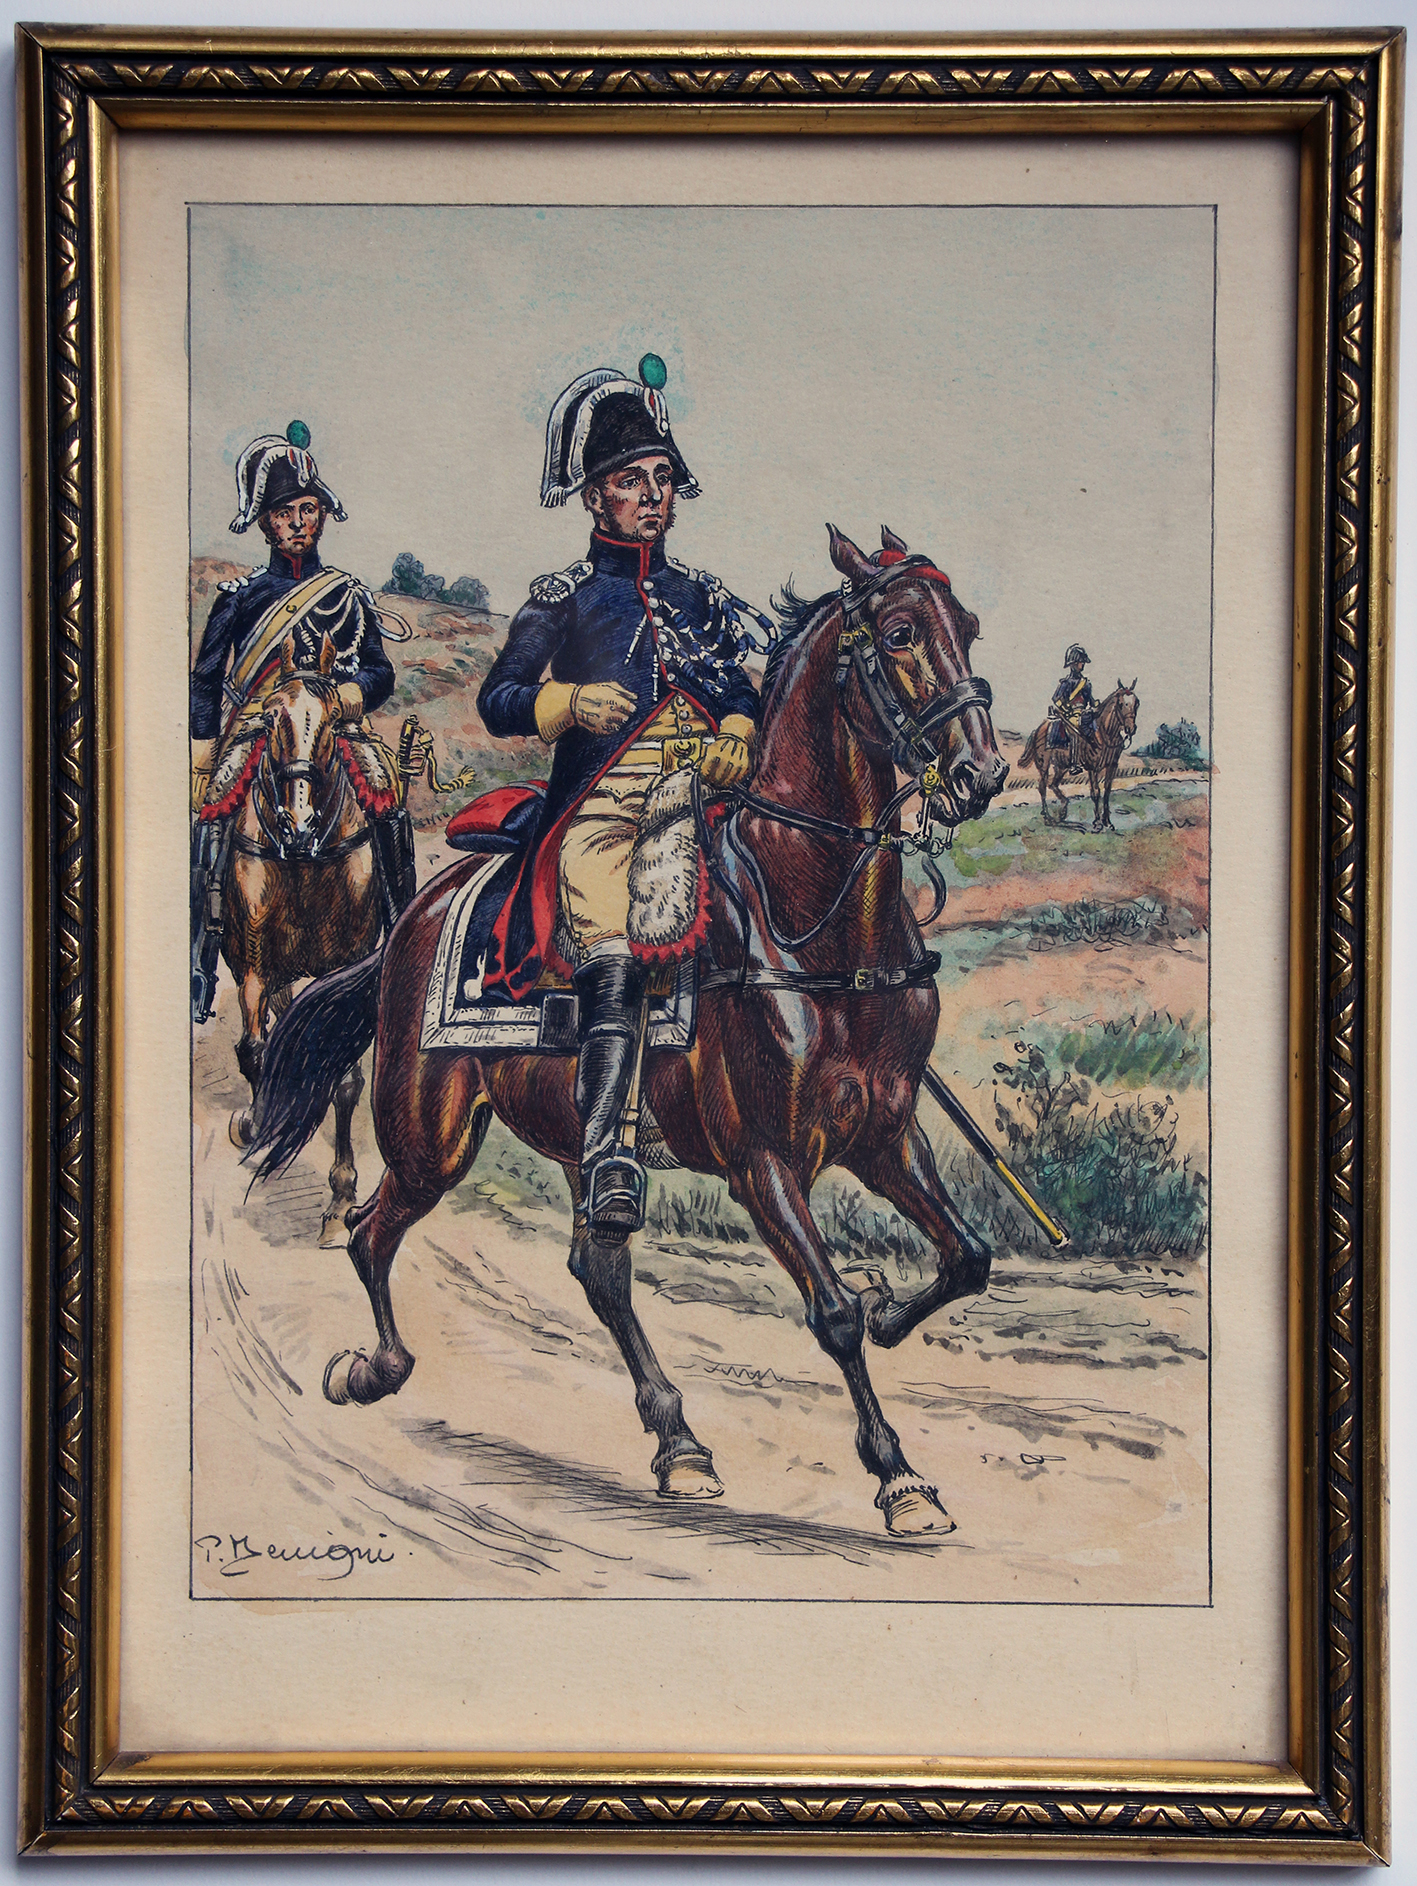 Dessin original rehaussé - Gendarmerie d'Elite - Pierre Bénigne 1801-1803 - Les Uniformes de la Garde Impériale - 1er Empire